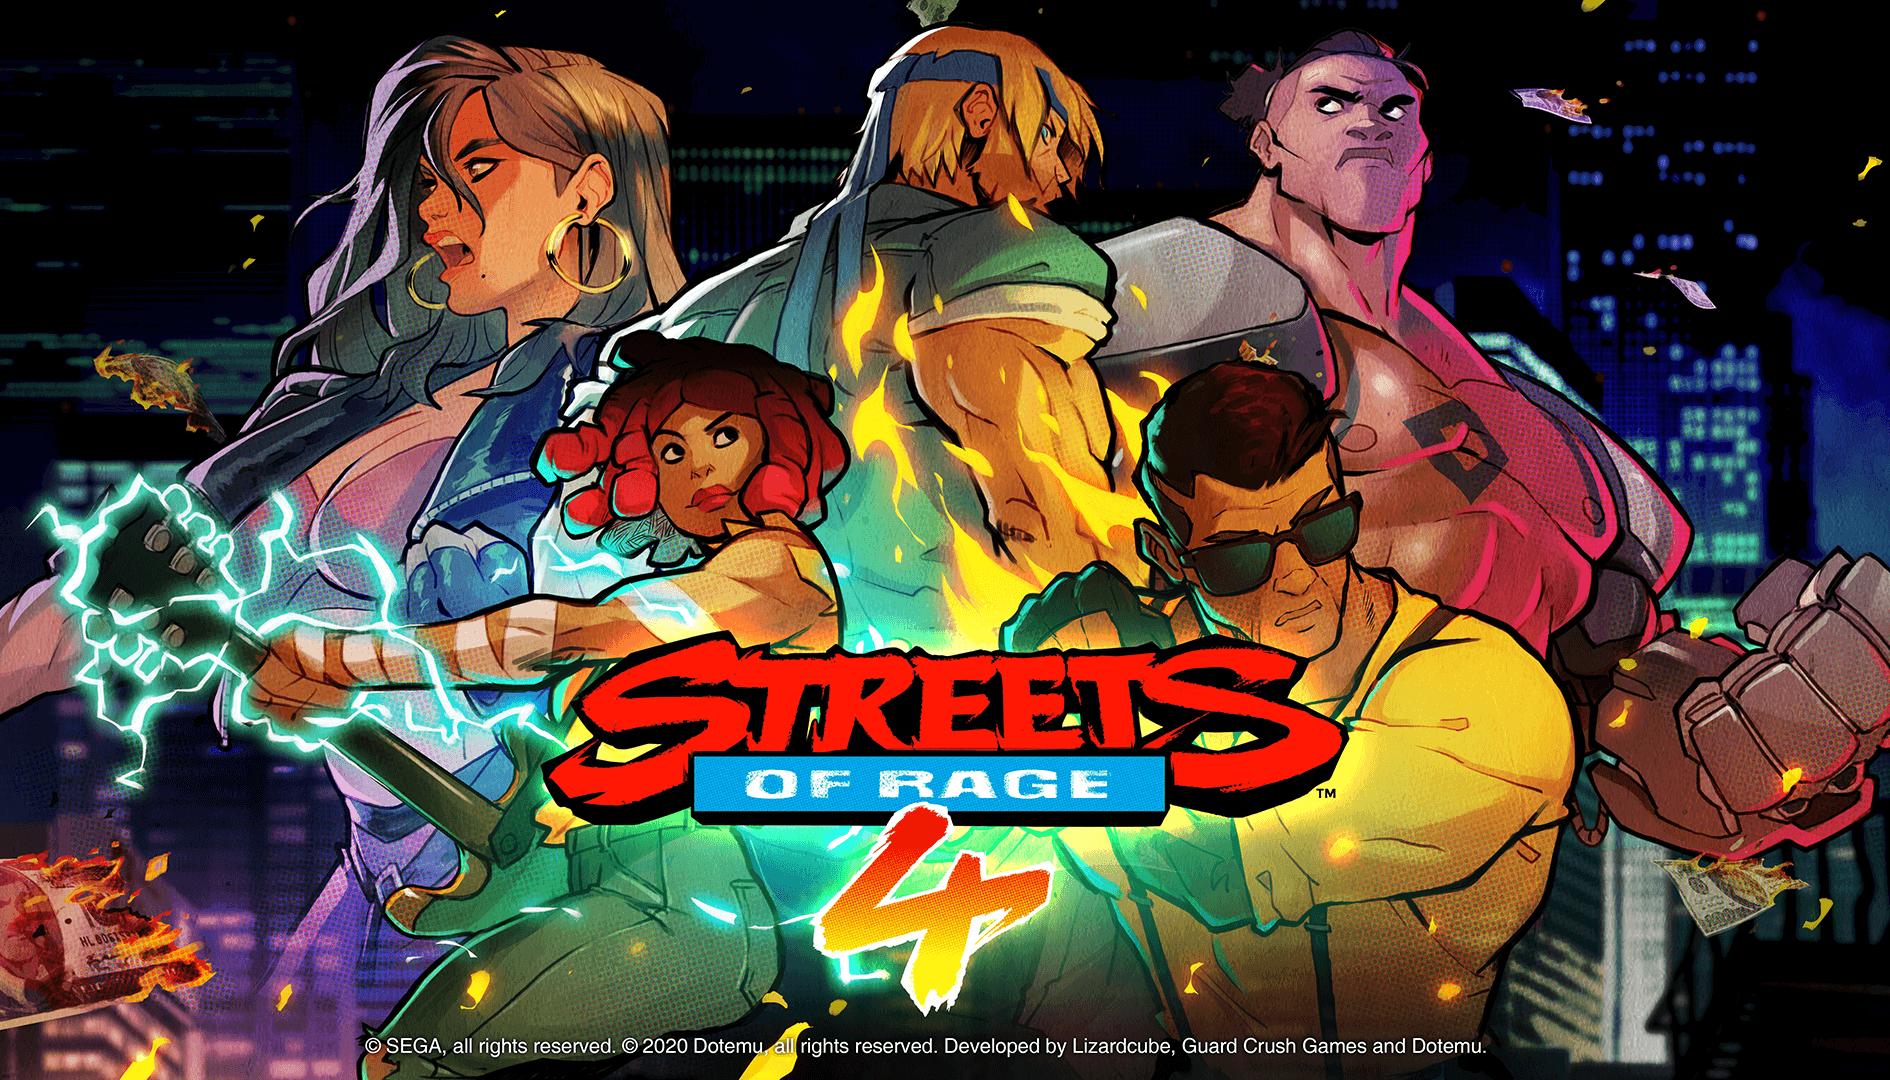 Svelate le dimensioni di Streets of Rage 4 e altri titoli